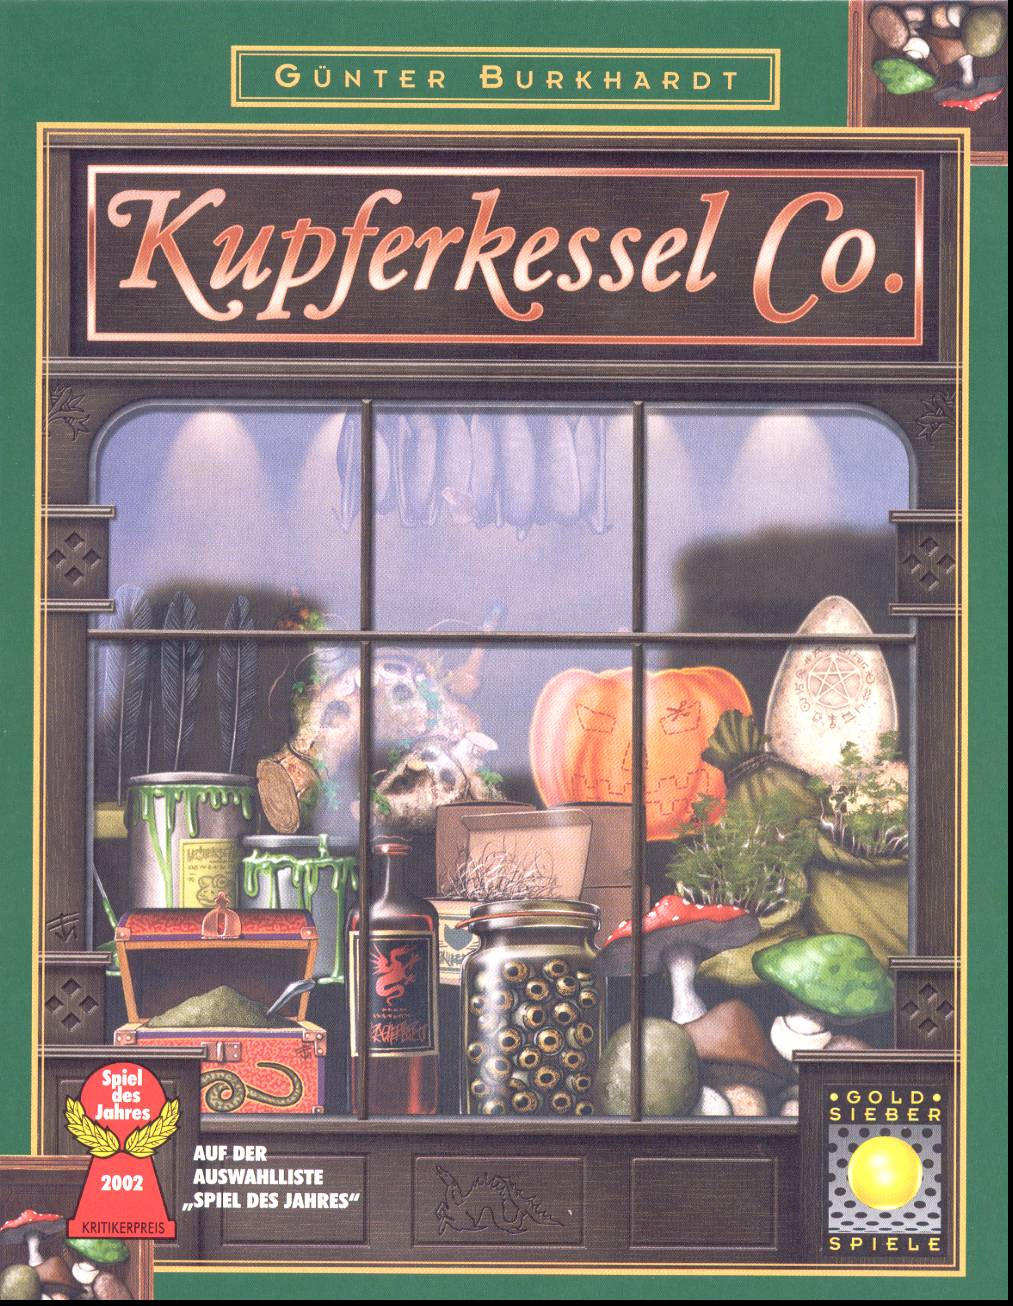 kupferkessel-co